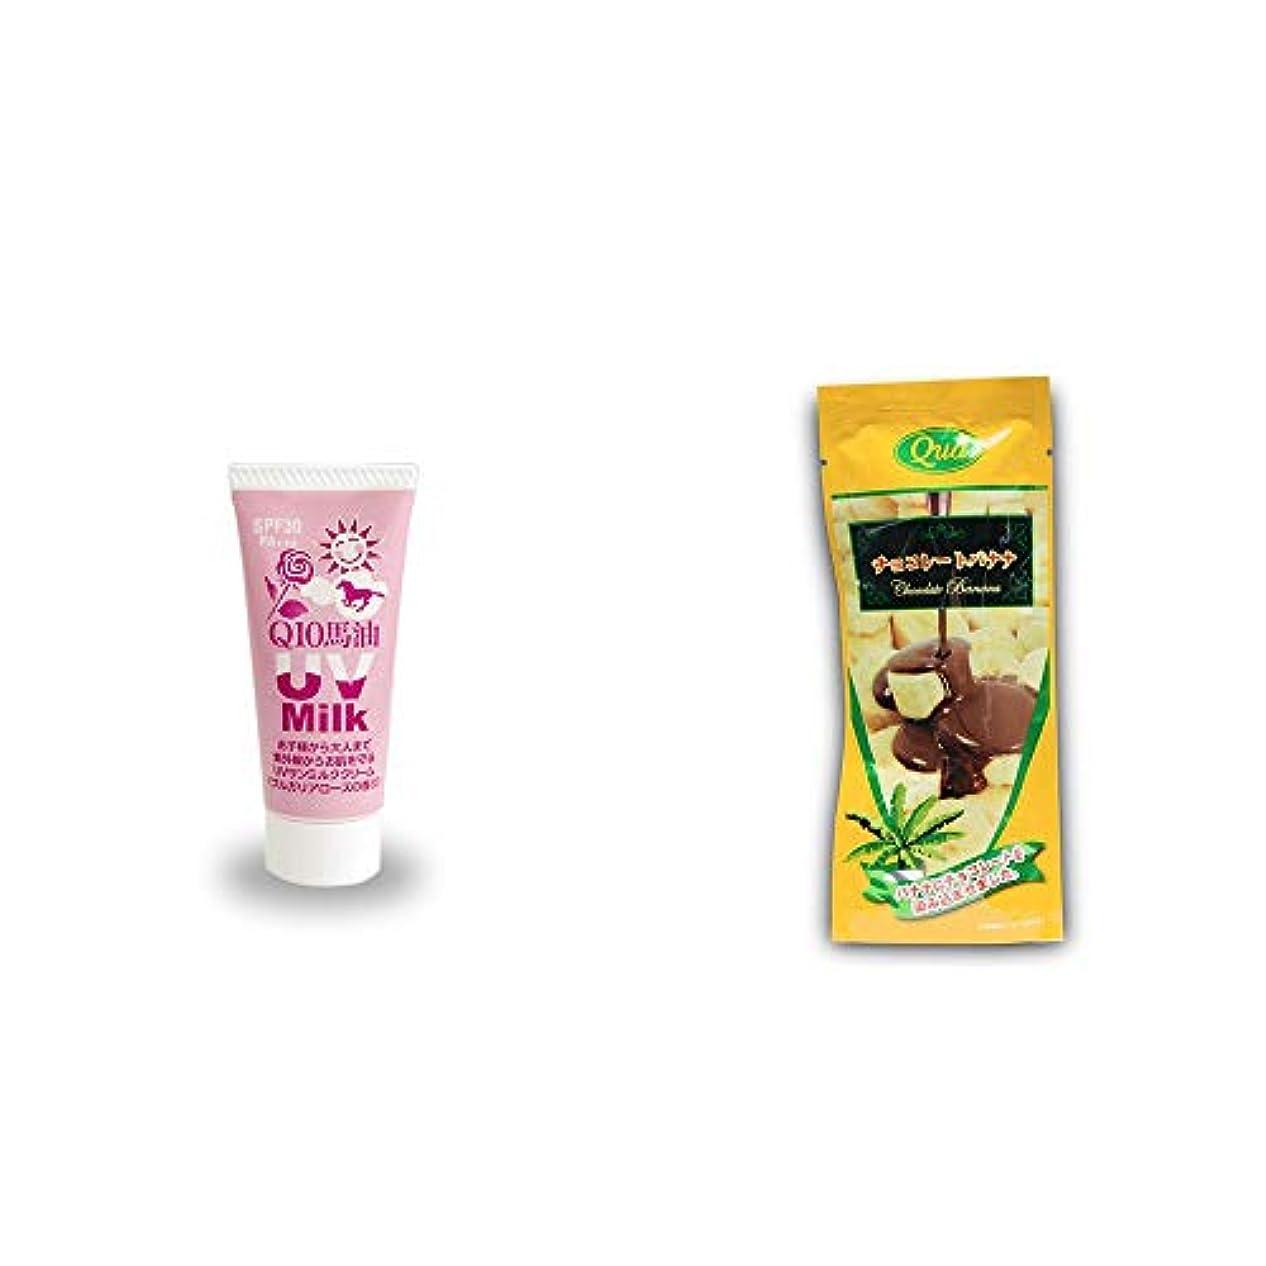 請う予約危機[2点セット] 炭黒泉 Q10馬油 UVサンミルク[ブルガリアローズ](40g)?フリーズドライ チョコレートバナナ(50g)